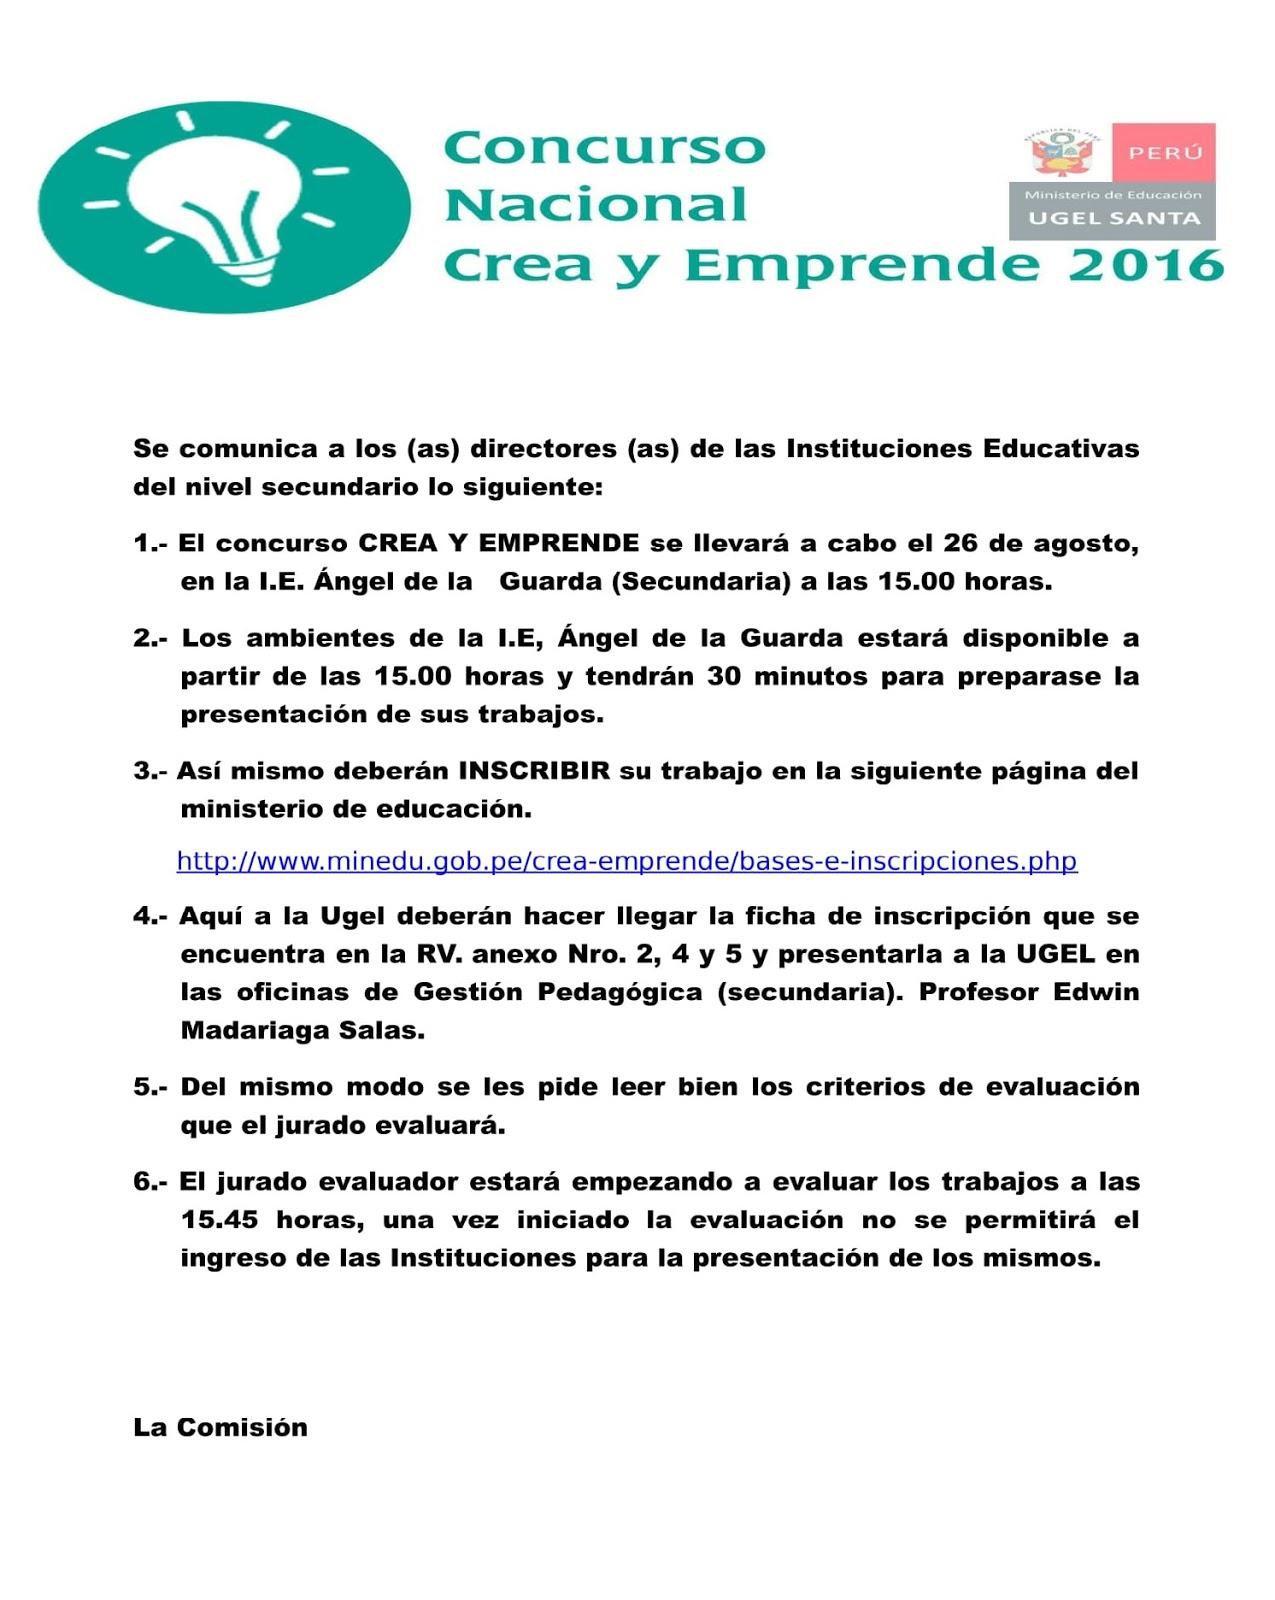 Concurso nacional crea y emprende noticias m s for Concurso meritos docentes 2016